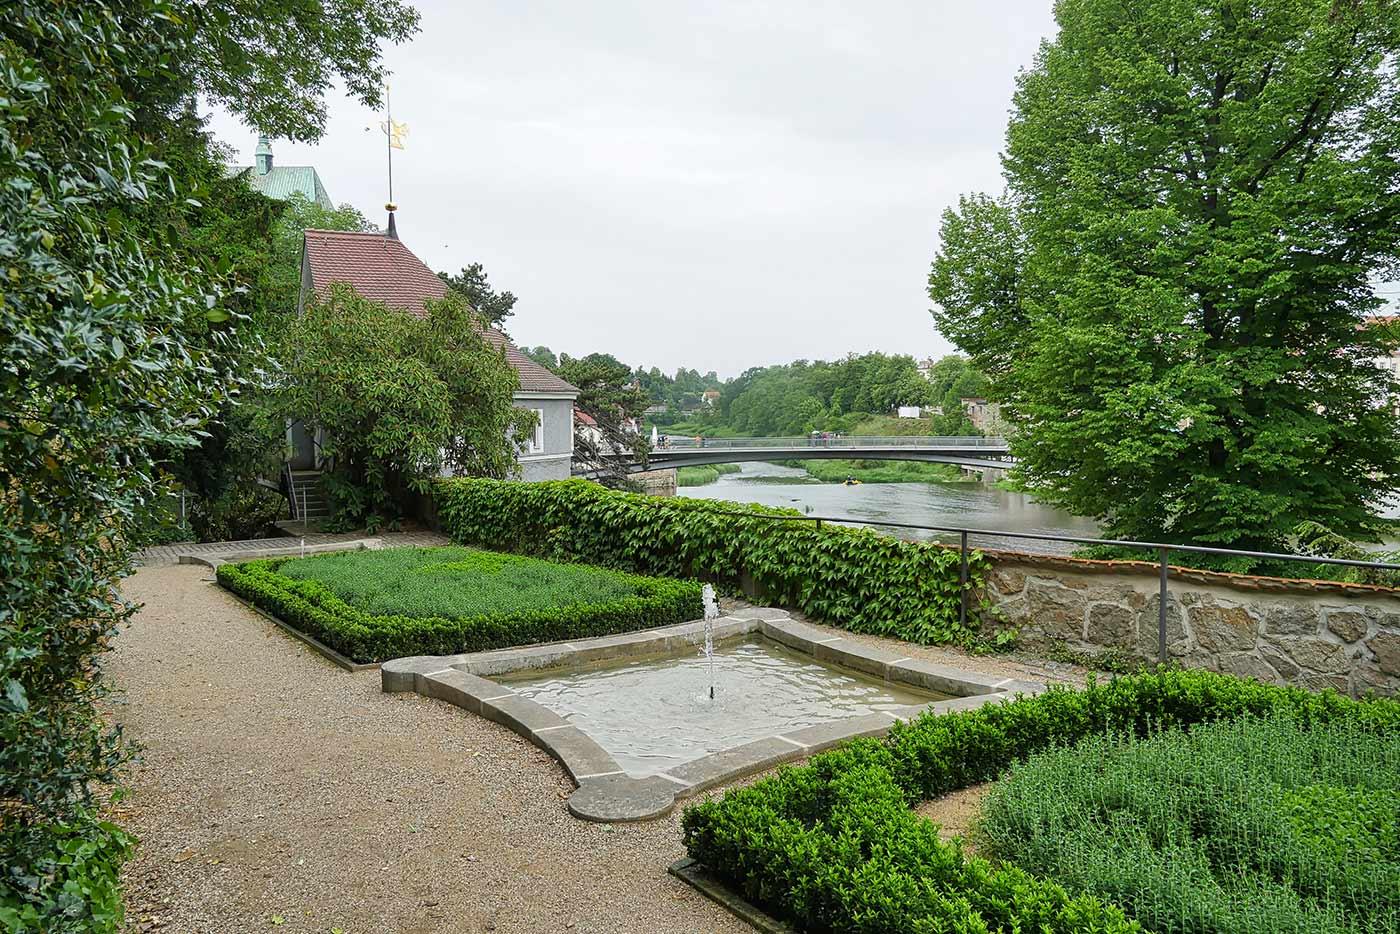 Ochsenzwinger Gartenanlage mit Wasserspielen